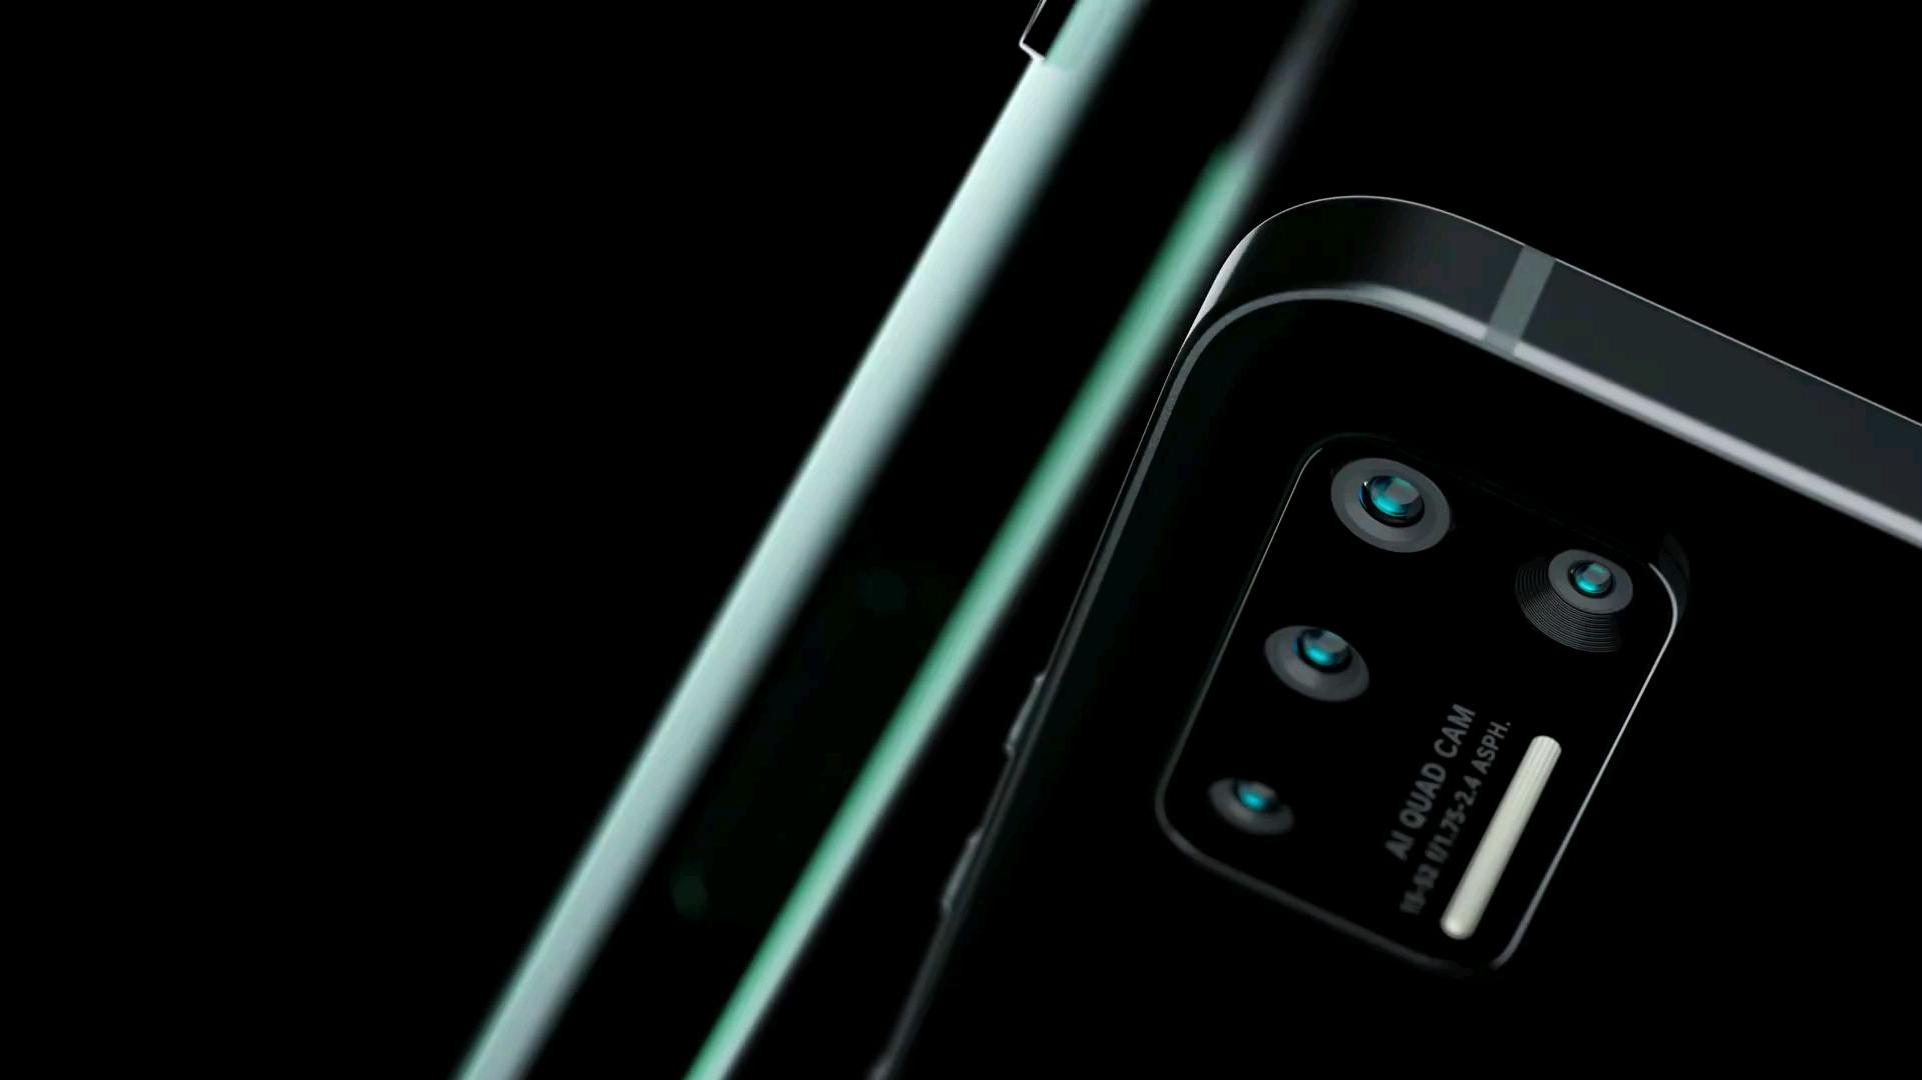 【没有罗永浩】#坚果手机2019新品发布会# 坚果 Pro 3 产品视频